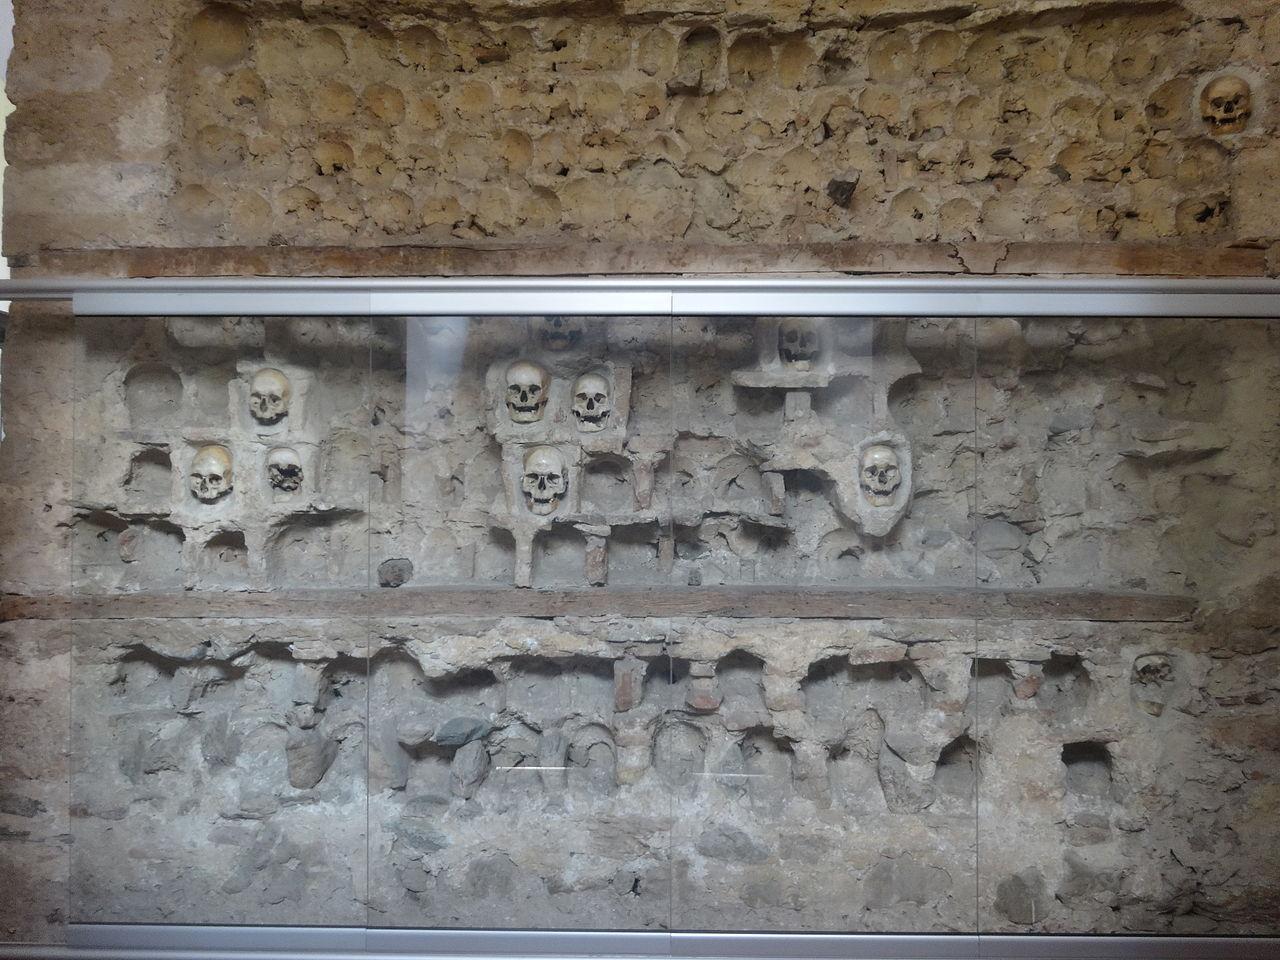 Turnul din Nis, monumentul din Serbia construit cu aproape 1.000 de cranii